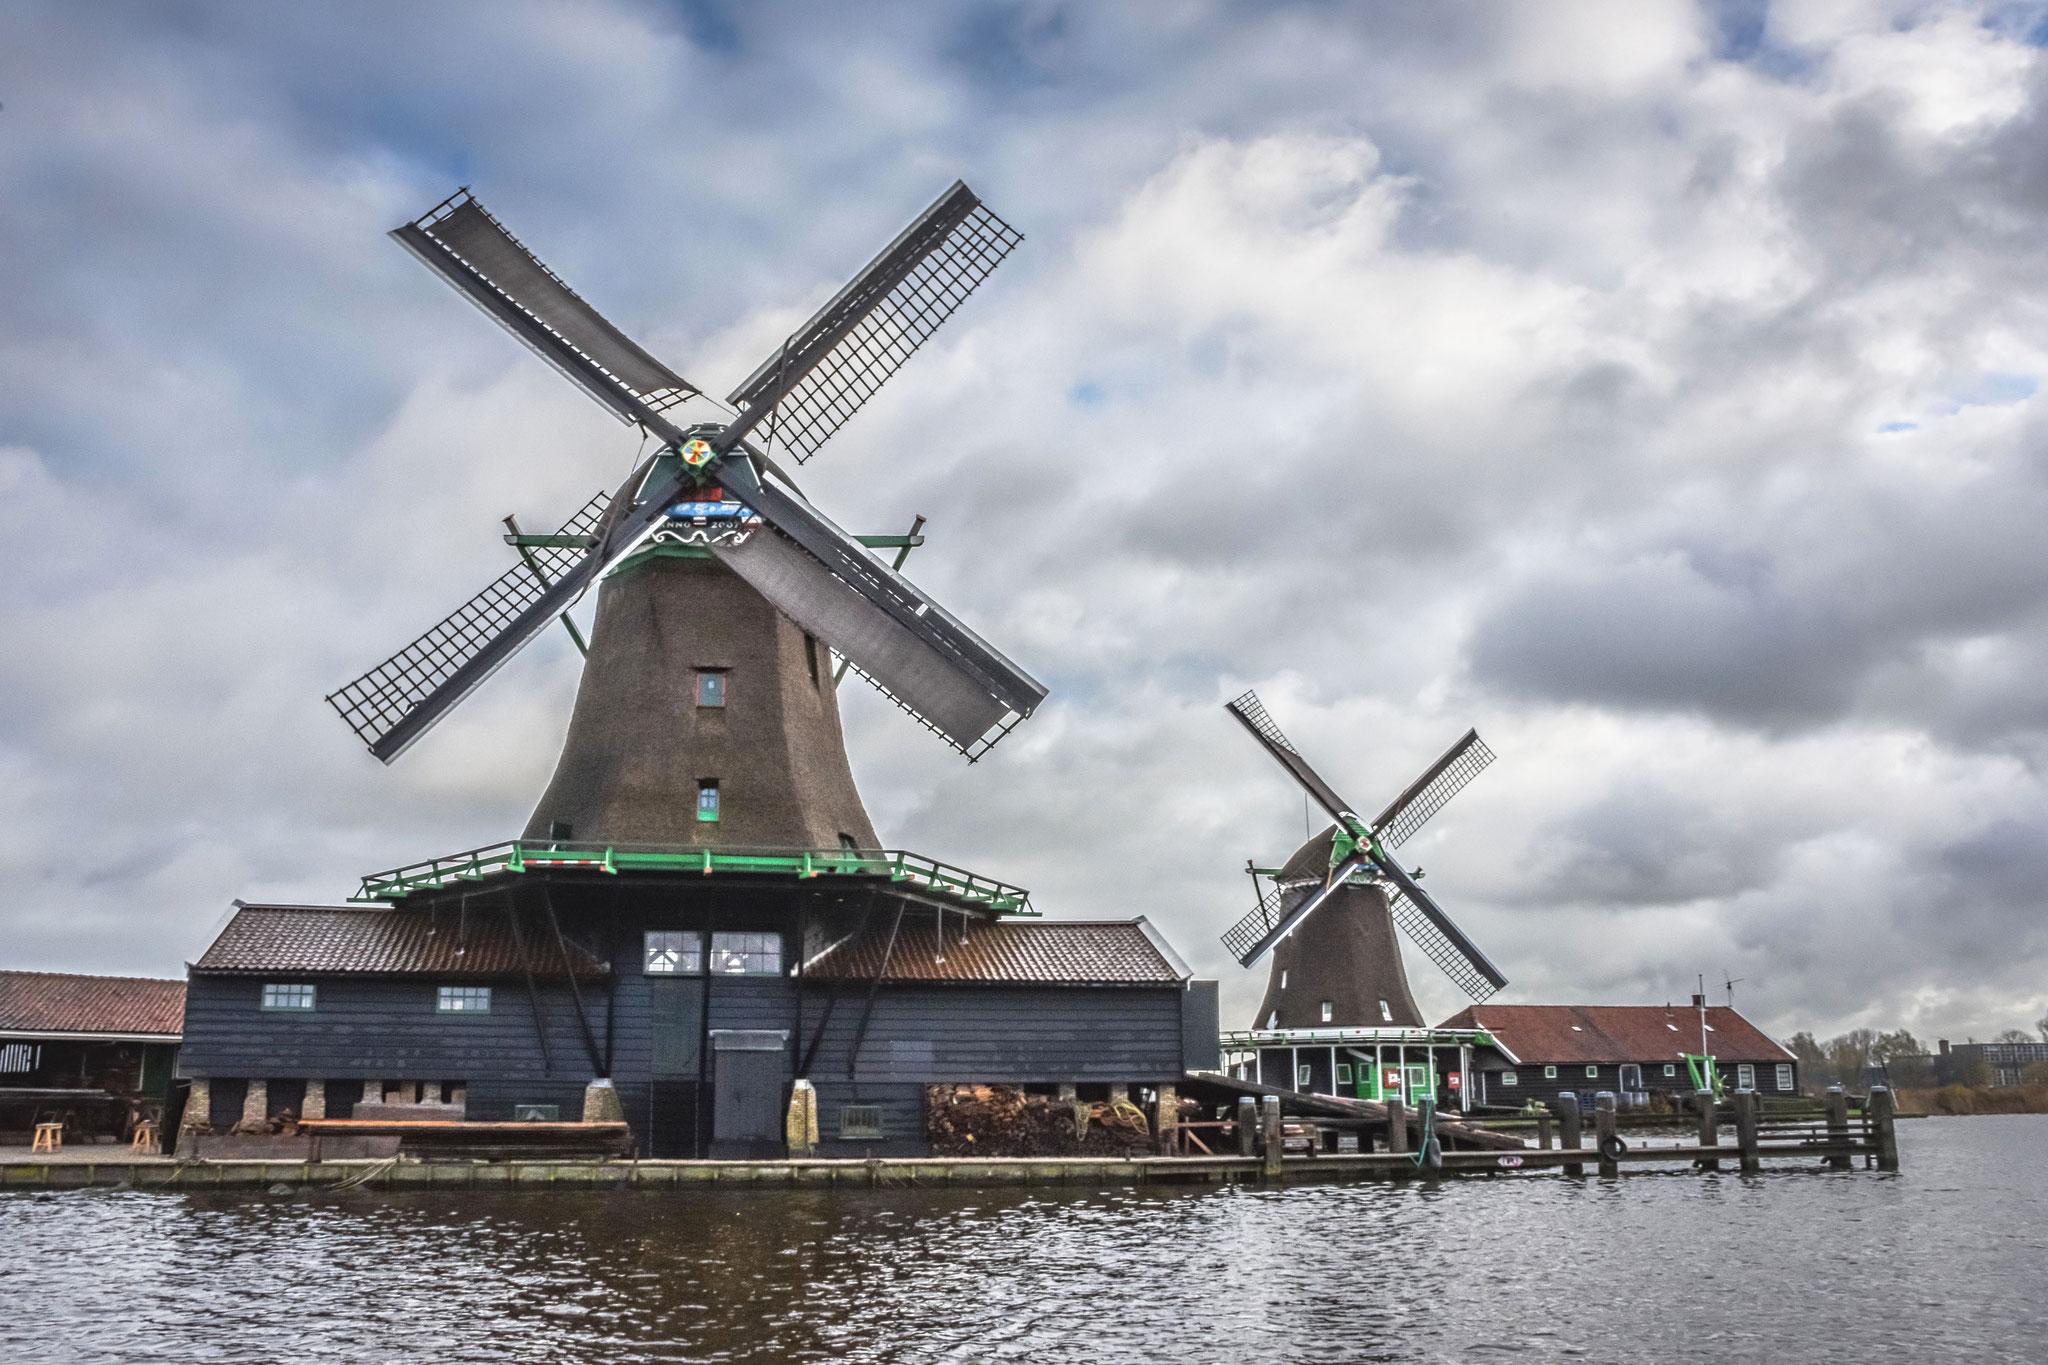 066-Ahmed Mohamed HASSAN EFIAPs (Alexandria-EG)- Amsterdam (NL) 01